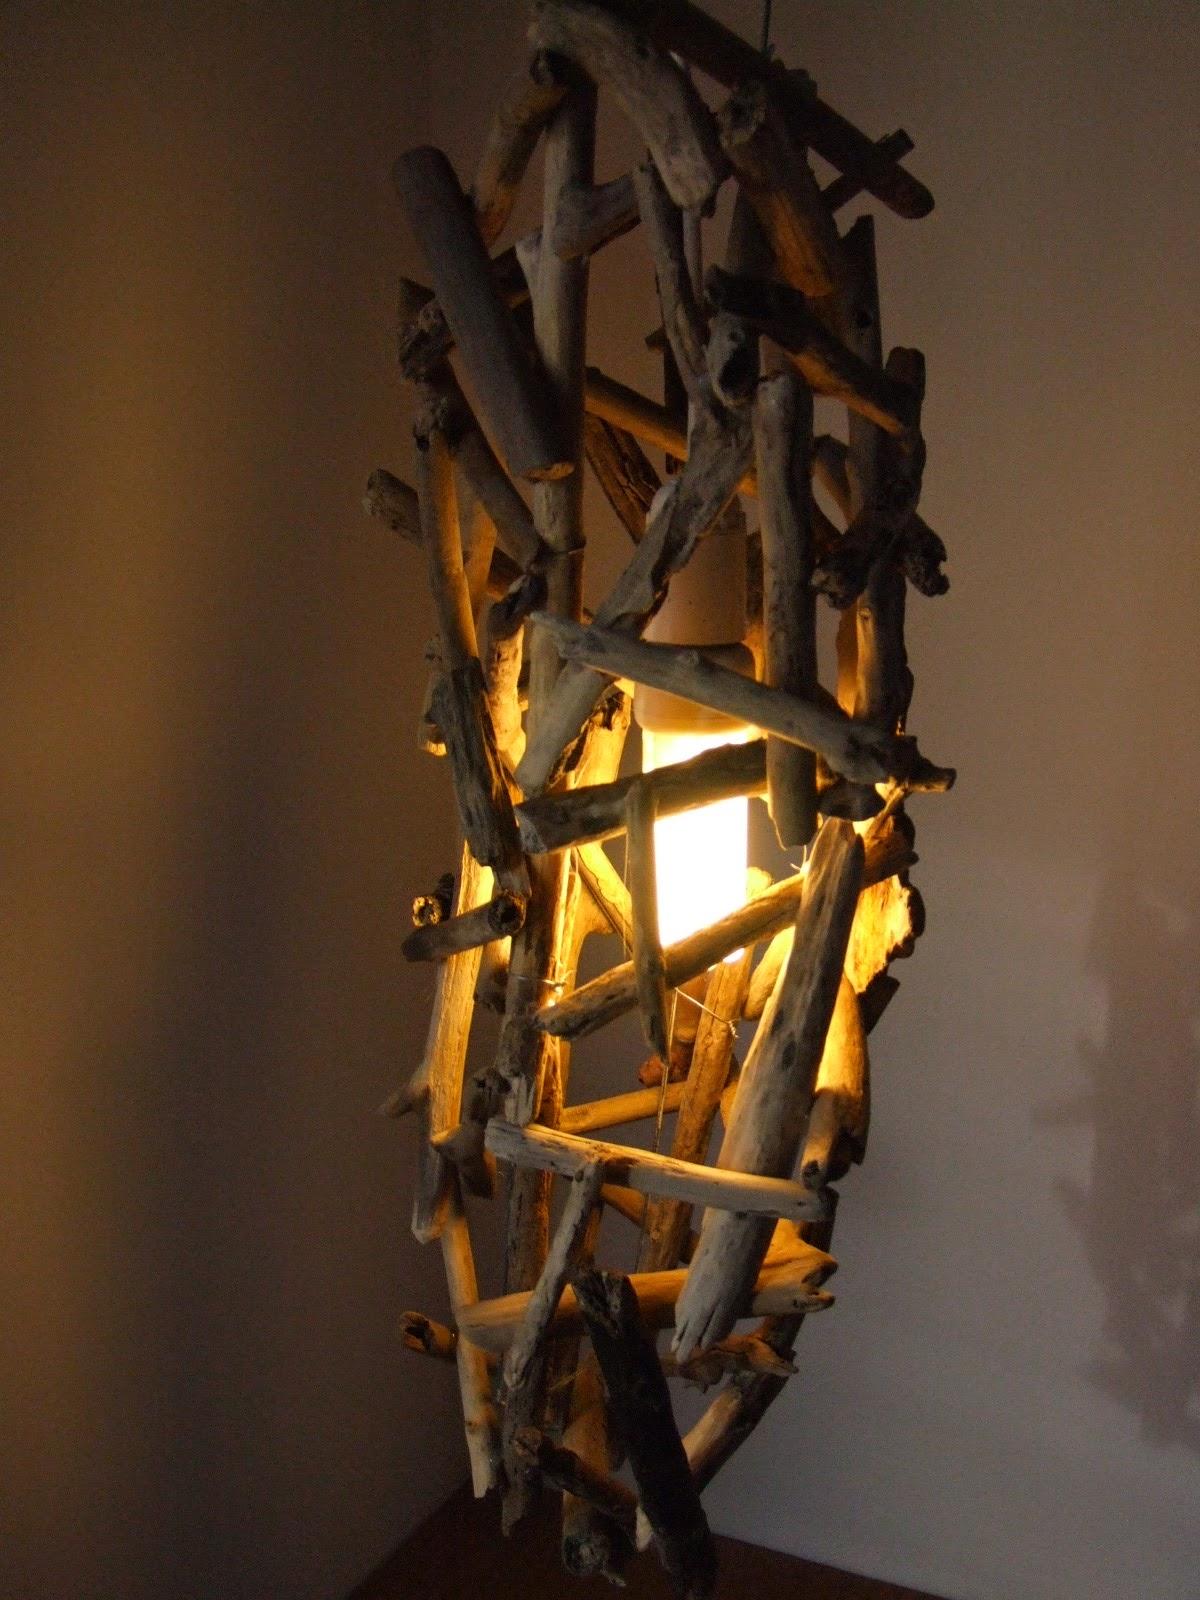 Lampade Legno Del Mare: Lampade del mare legno lampada due braccia in.